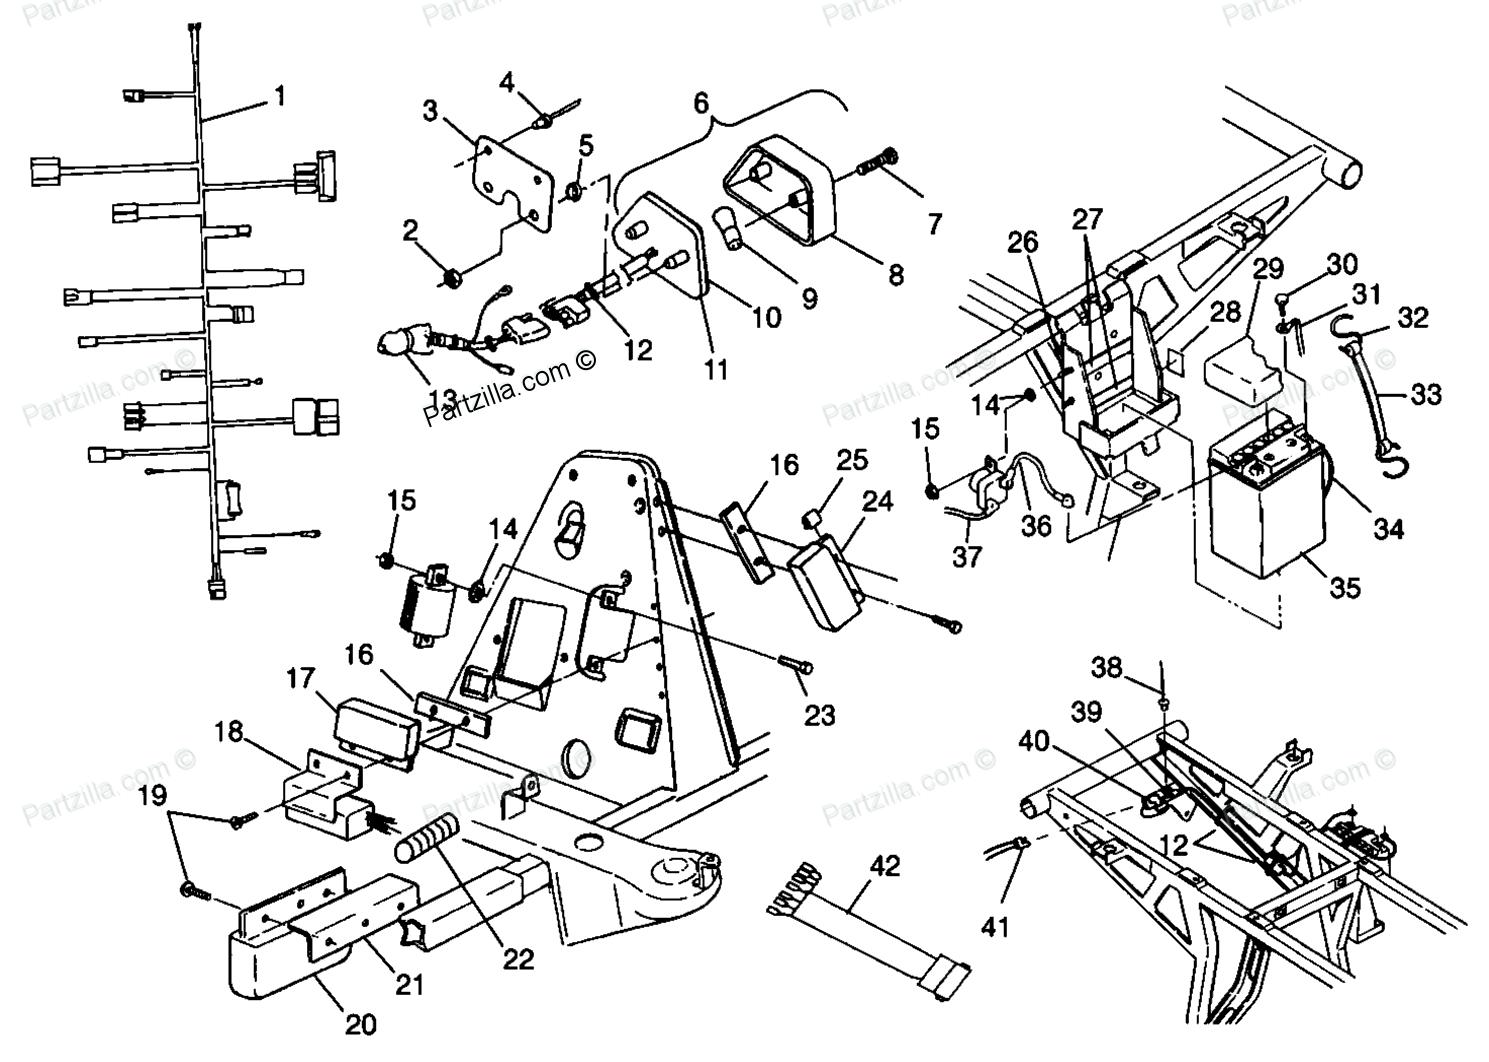 2003 honda foreman wiring diagram schematic